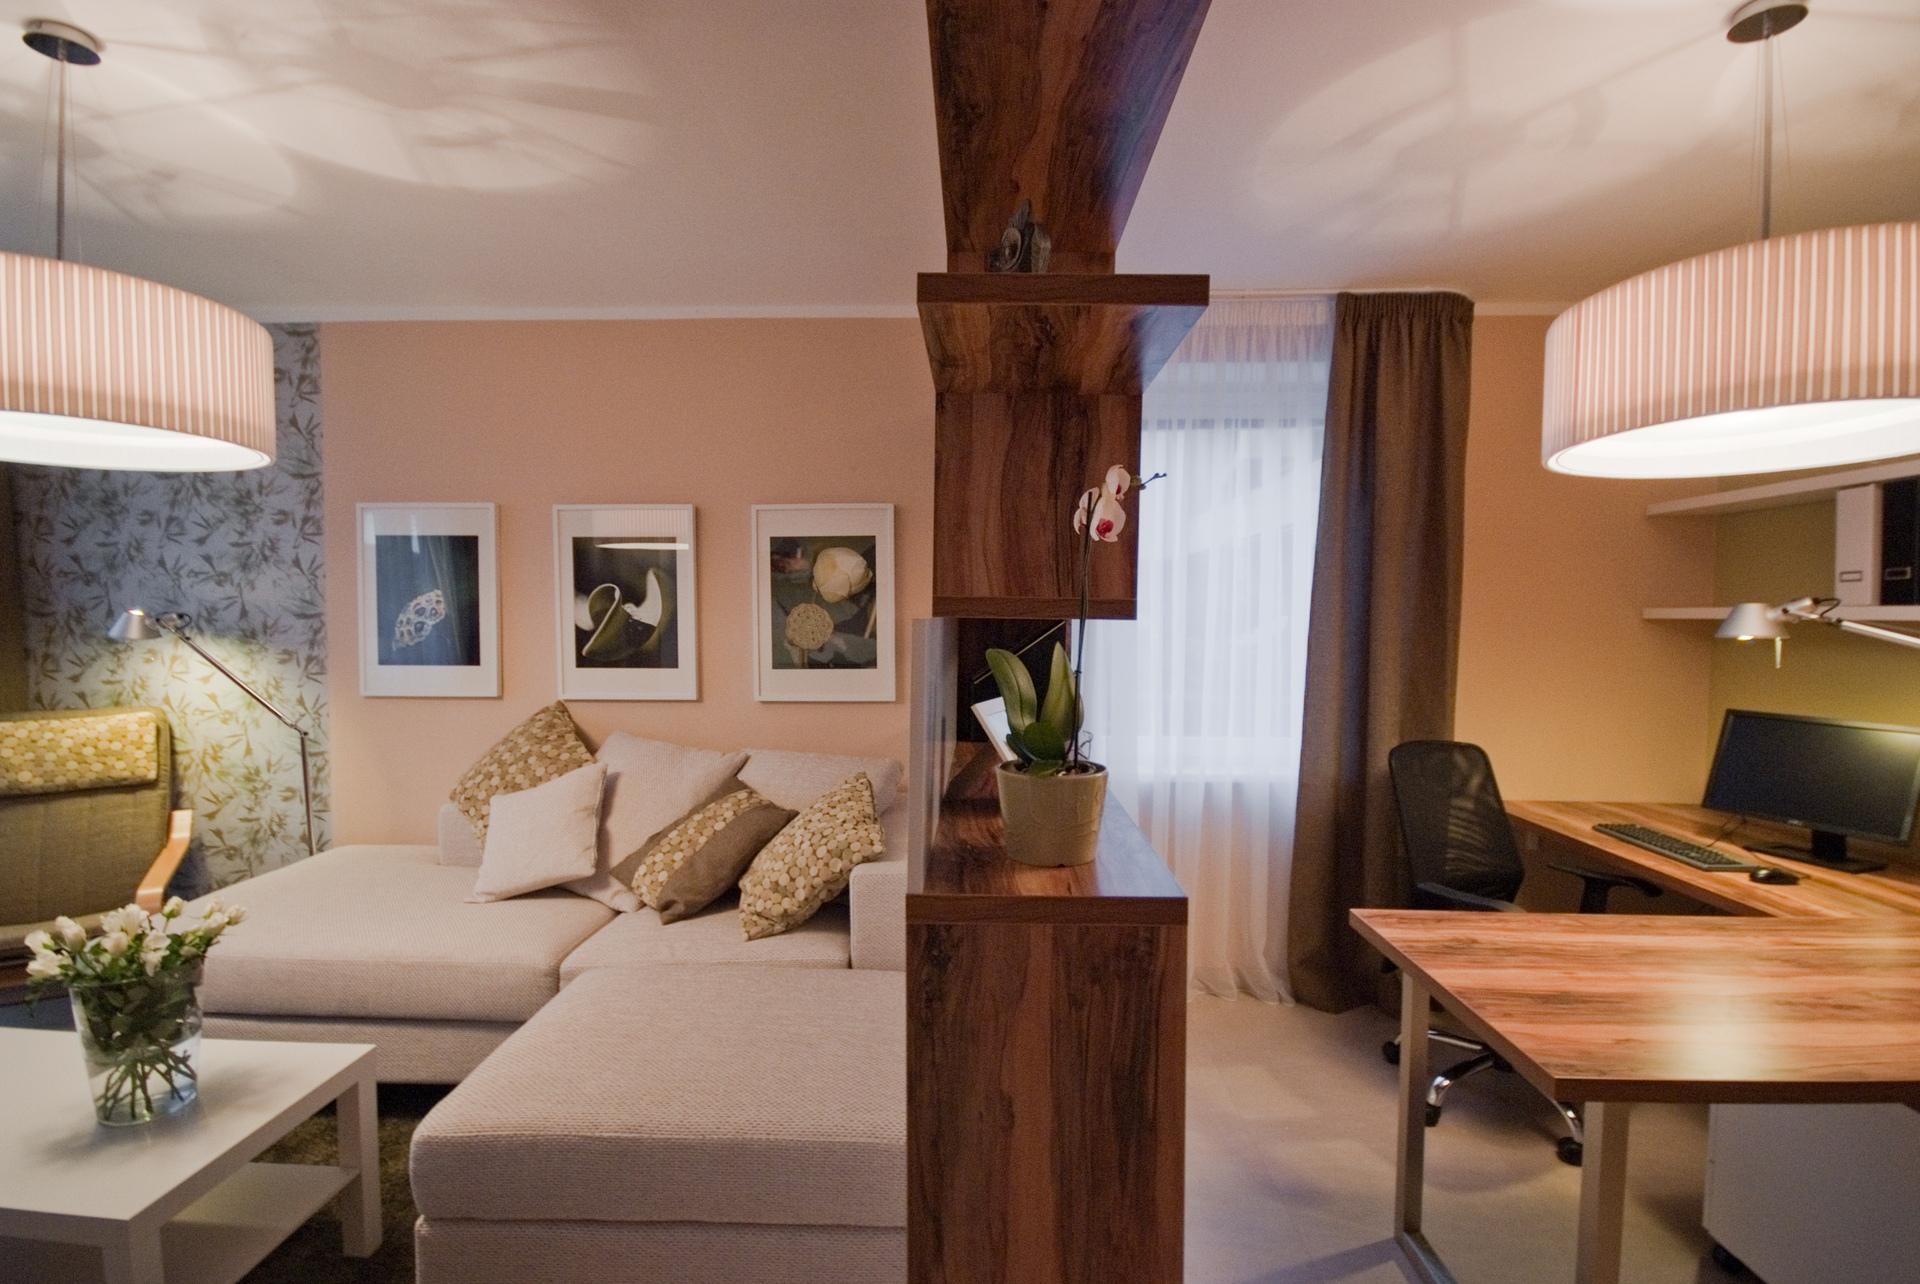 jak se staví sen - obývací pokoj s pracovním koutem 3